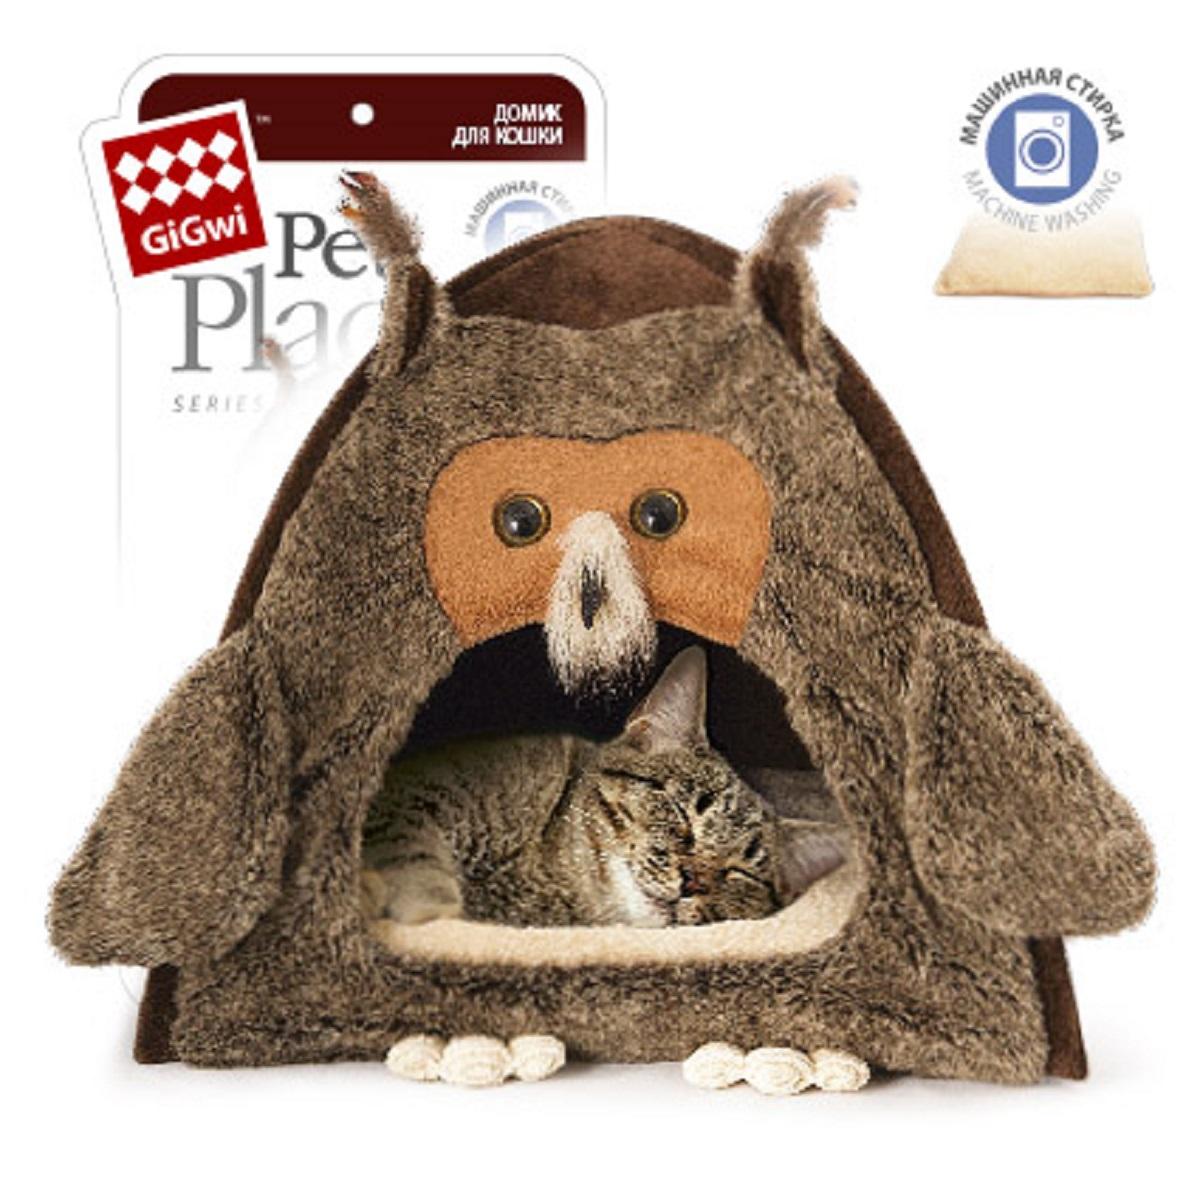 Домик для животных GiGwi Сова, 40 см х 45 см0120710Домик для животных GiGwi Сова непременно станет любимым местом отдыха вашего домашнего животного. Изделие выполнено из искусственного меха. В таком домике вашему любимцу будет мягко и тепло. Он подарит вашему питомцу ощущение уюта и уединенности, а также возможность спрятаться.